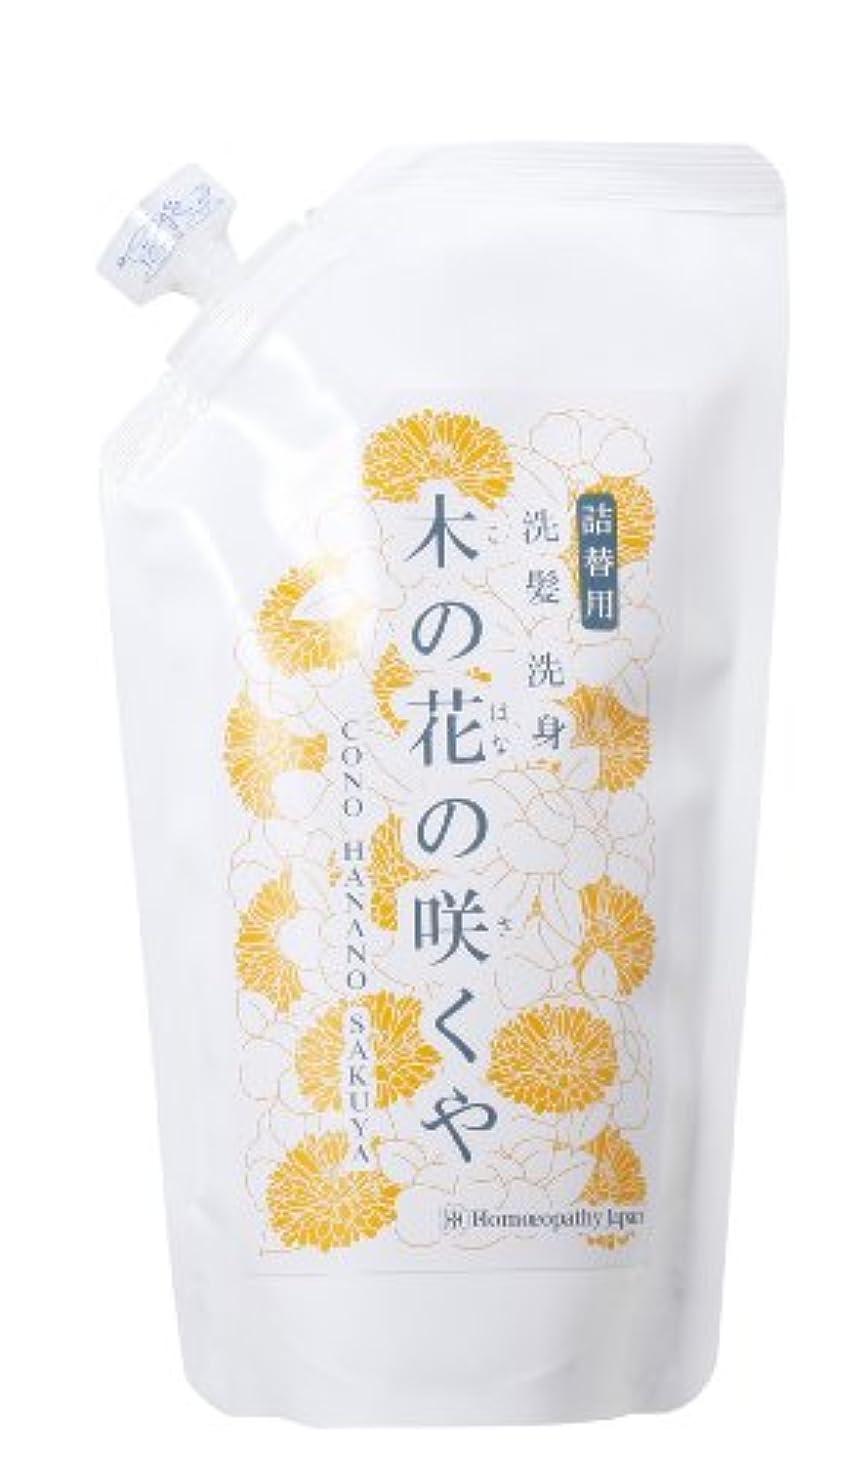 病なフィールドマングル洗髪・洗身 木の花の咲くや(シャンプー) 詰替え用 300ml